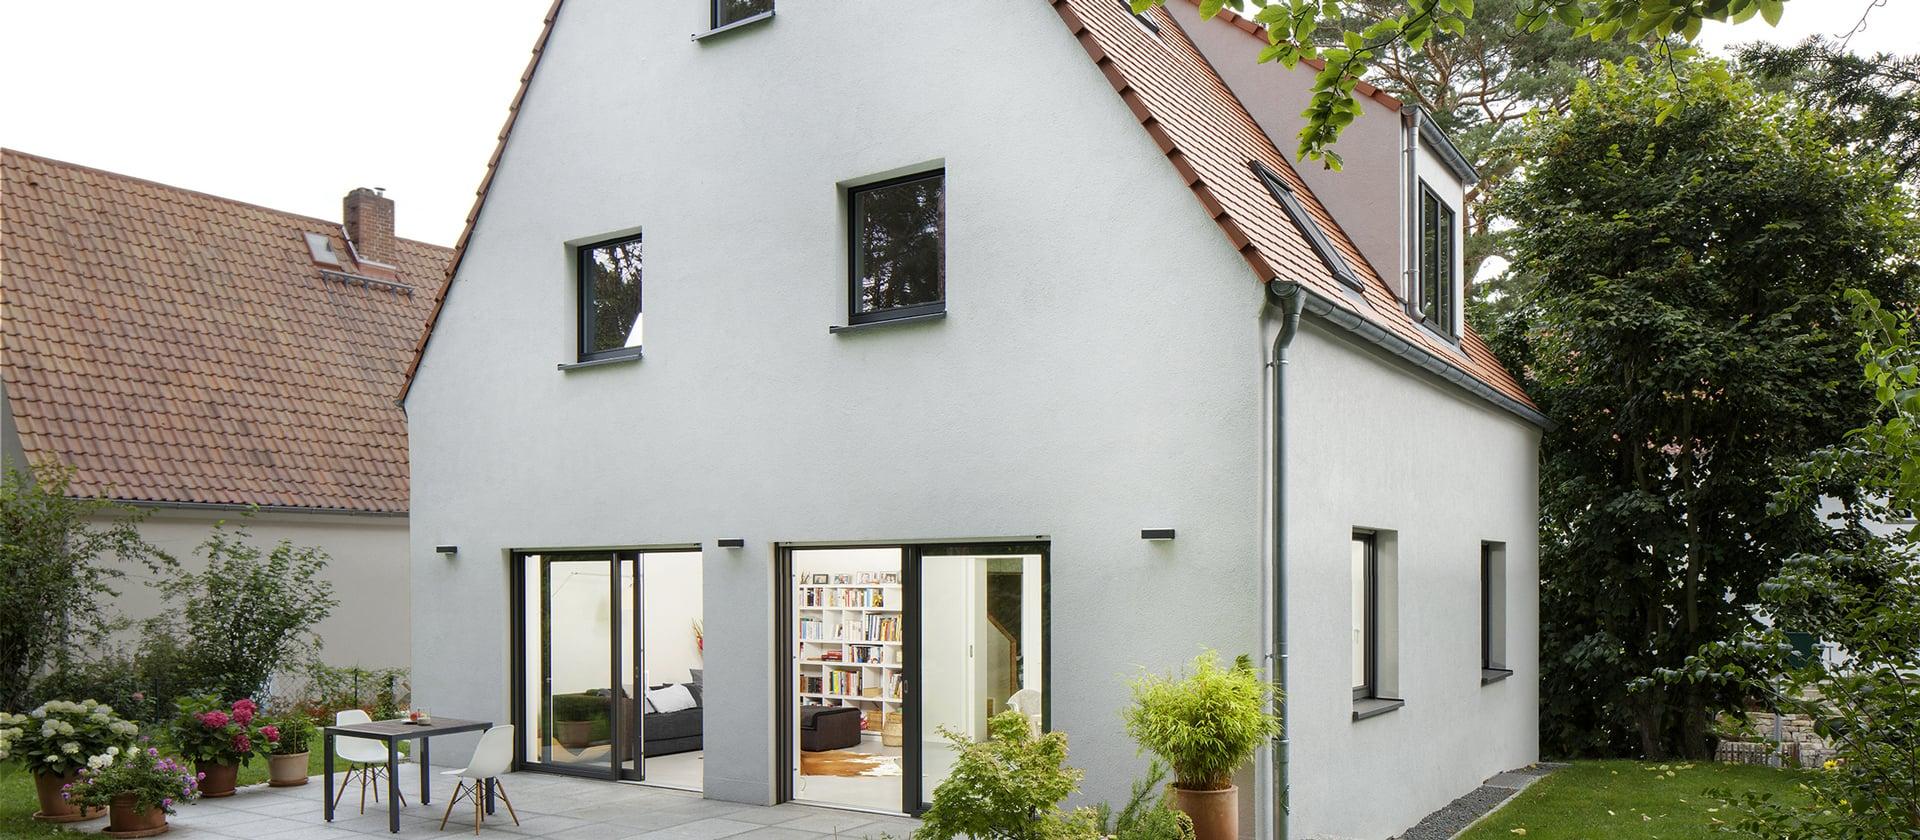 Maison individuelle à Berlin